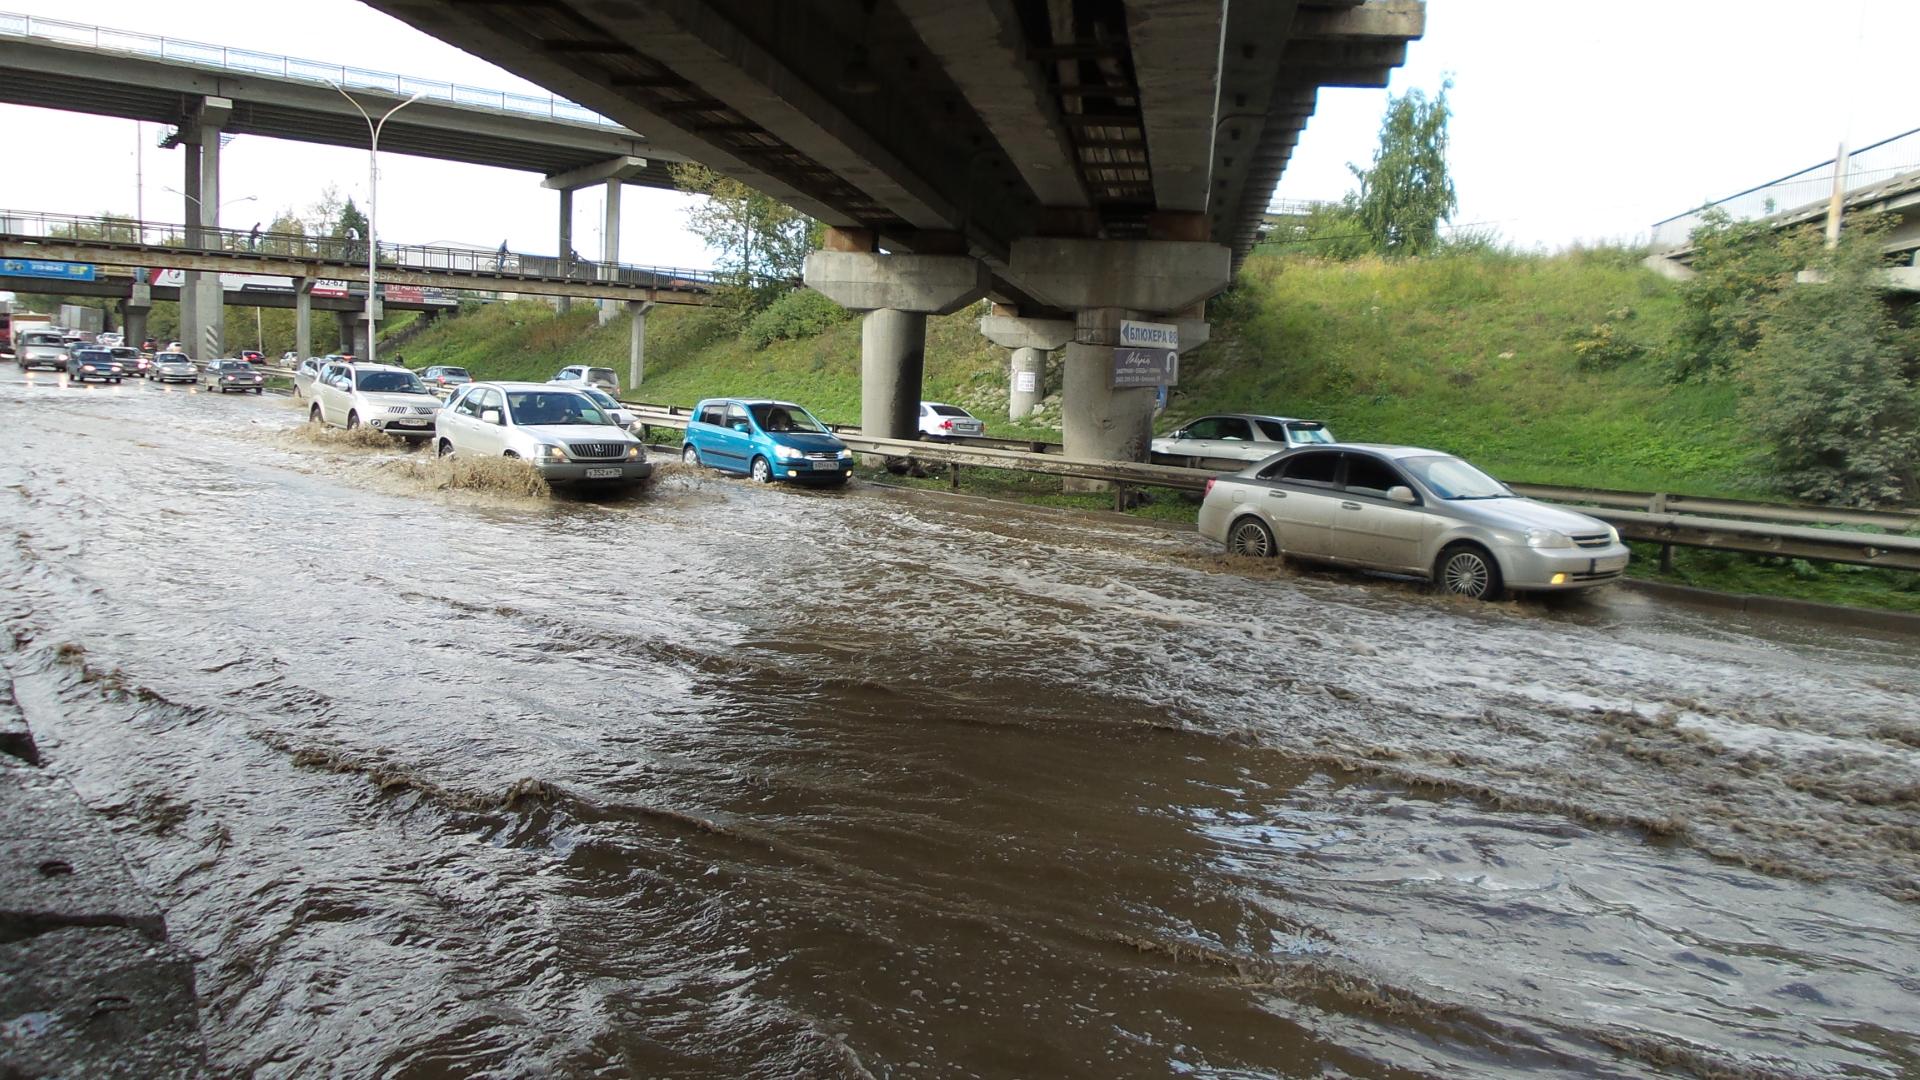 Не намочите колеса: под мостом по Шефской течет река